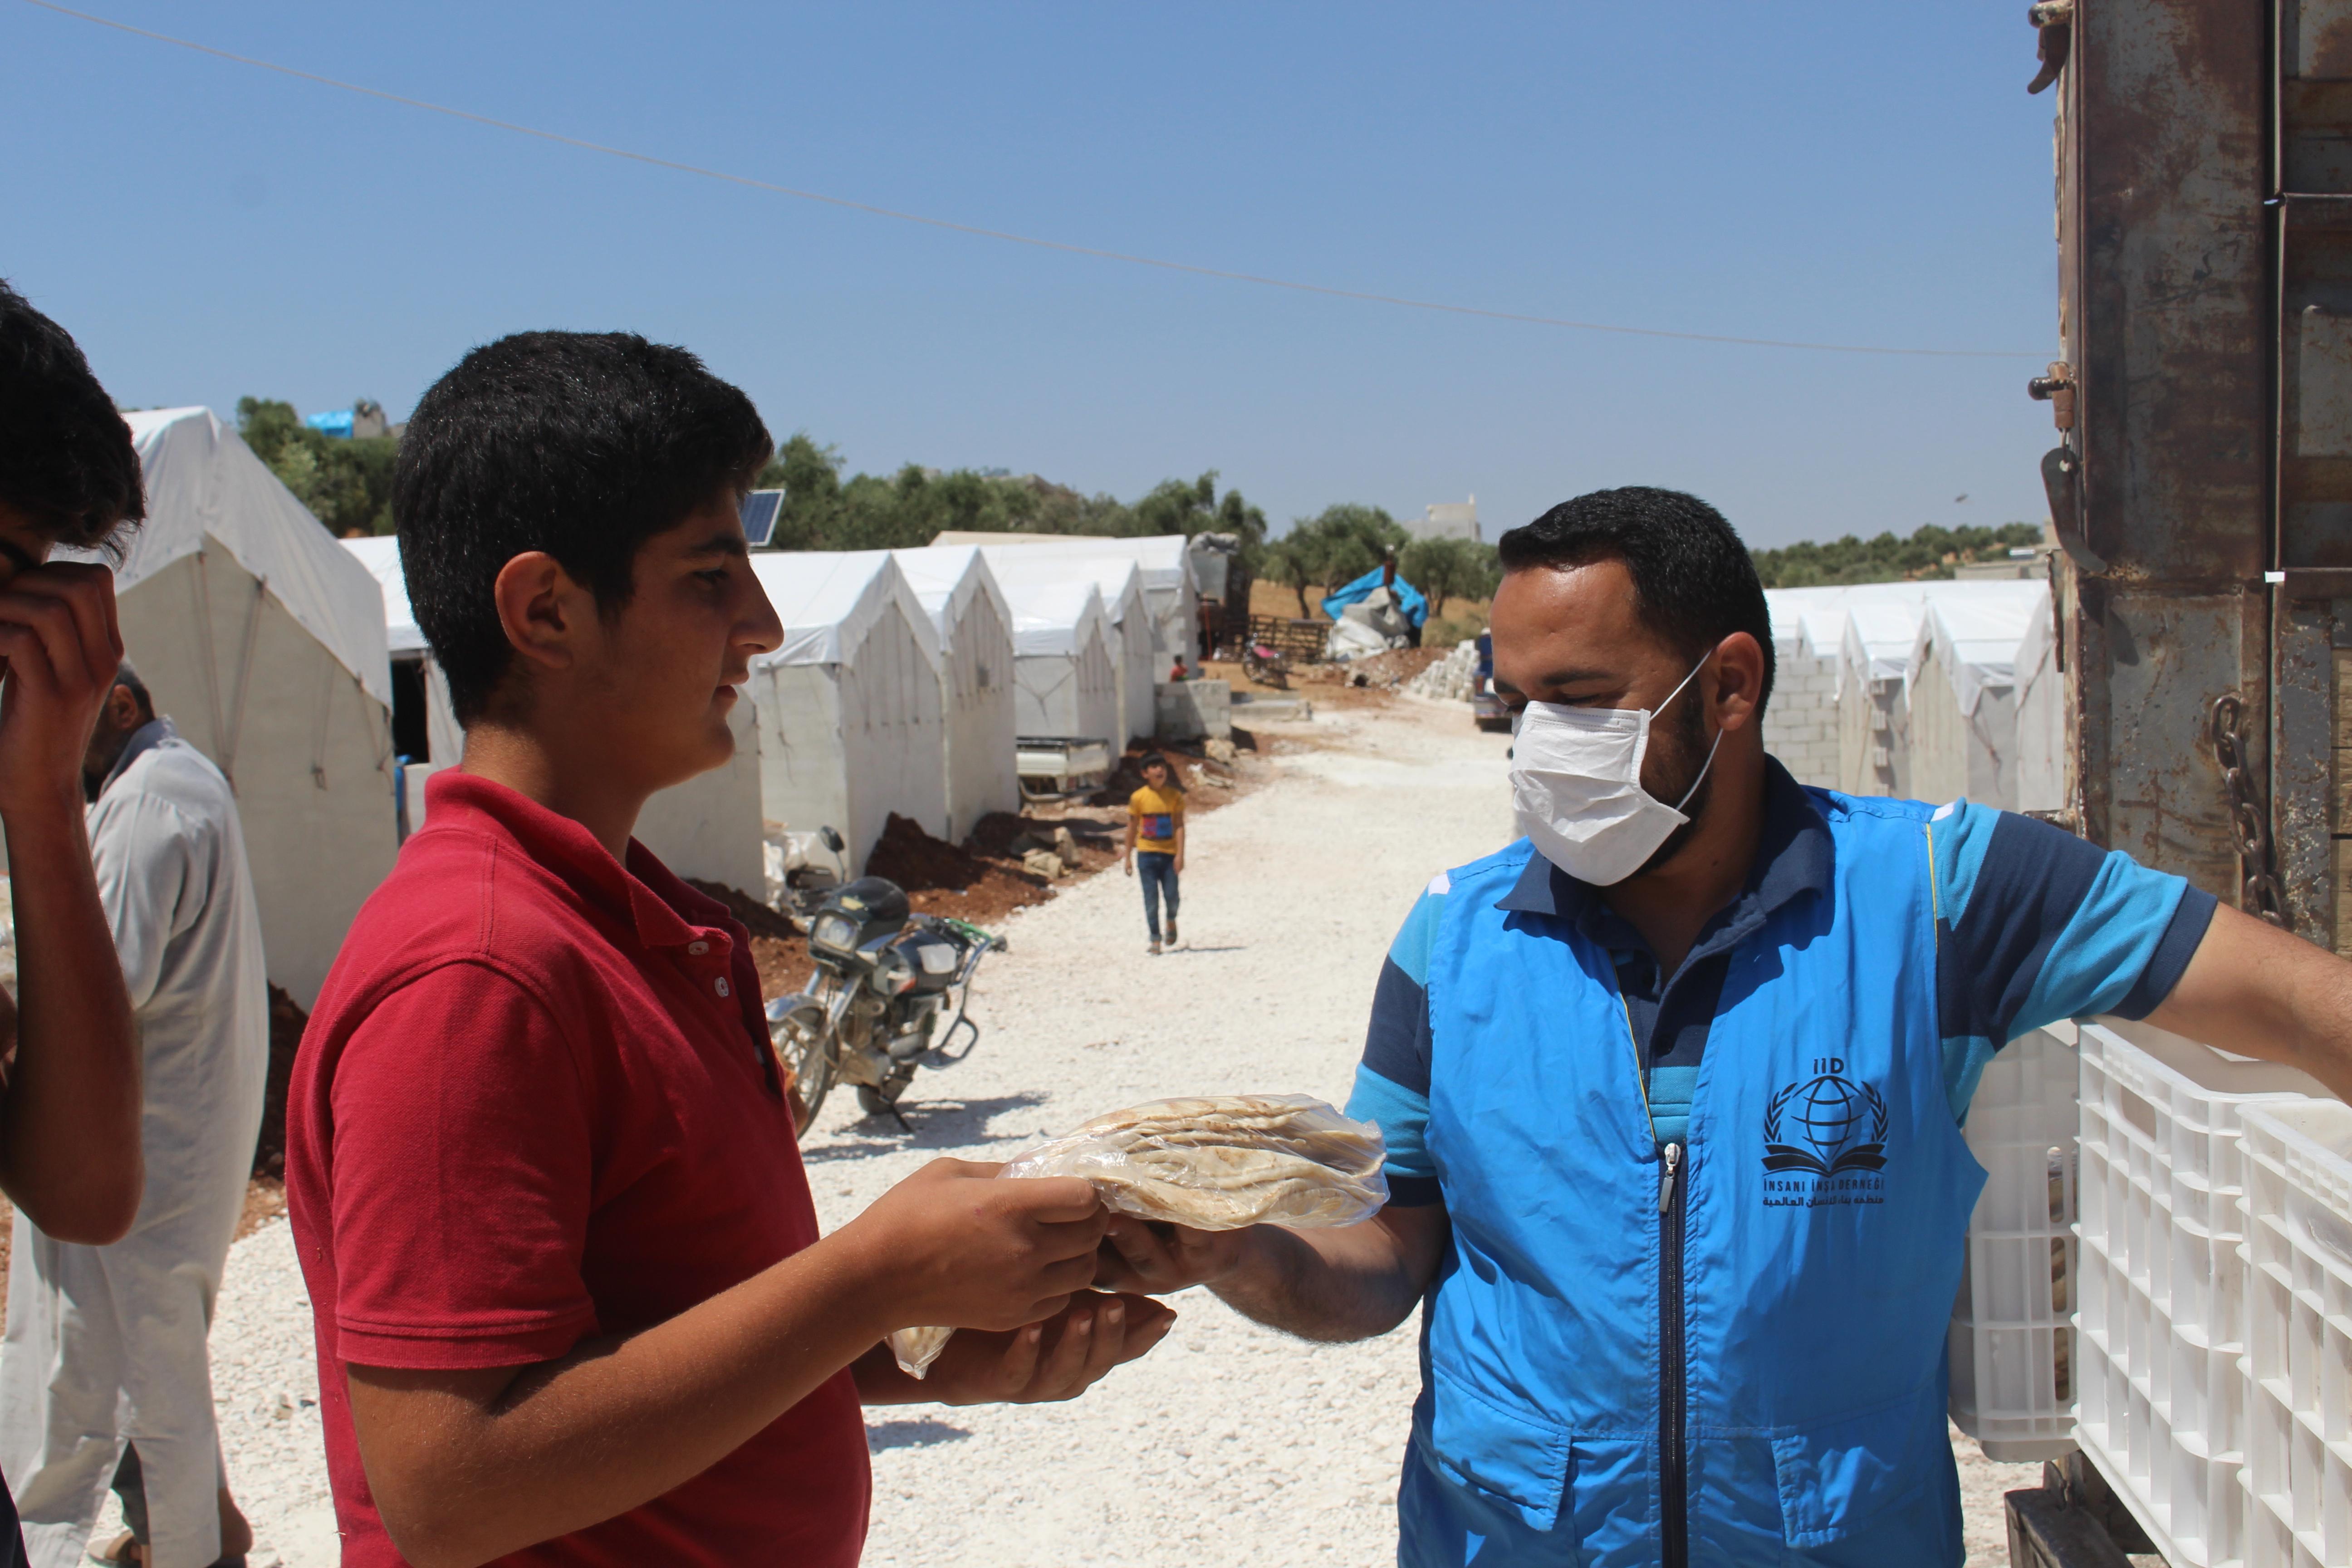 Kardeşinize Ekmek Oldunuz... - Haberler - İnsanı İnşa Derneği İİD. Uluslararası Yardım Kuruluşu